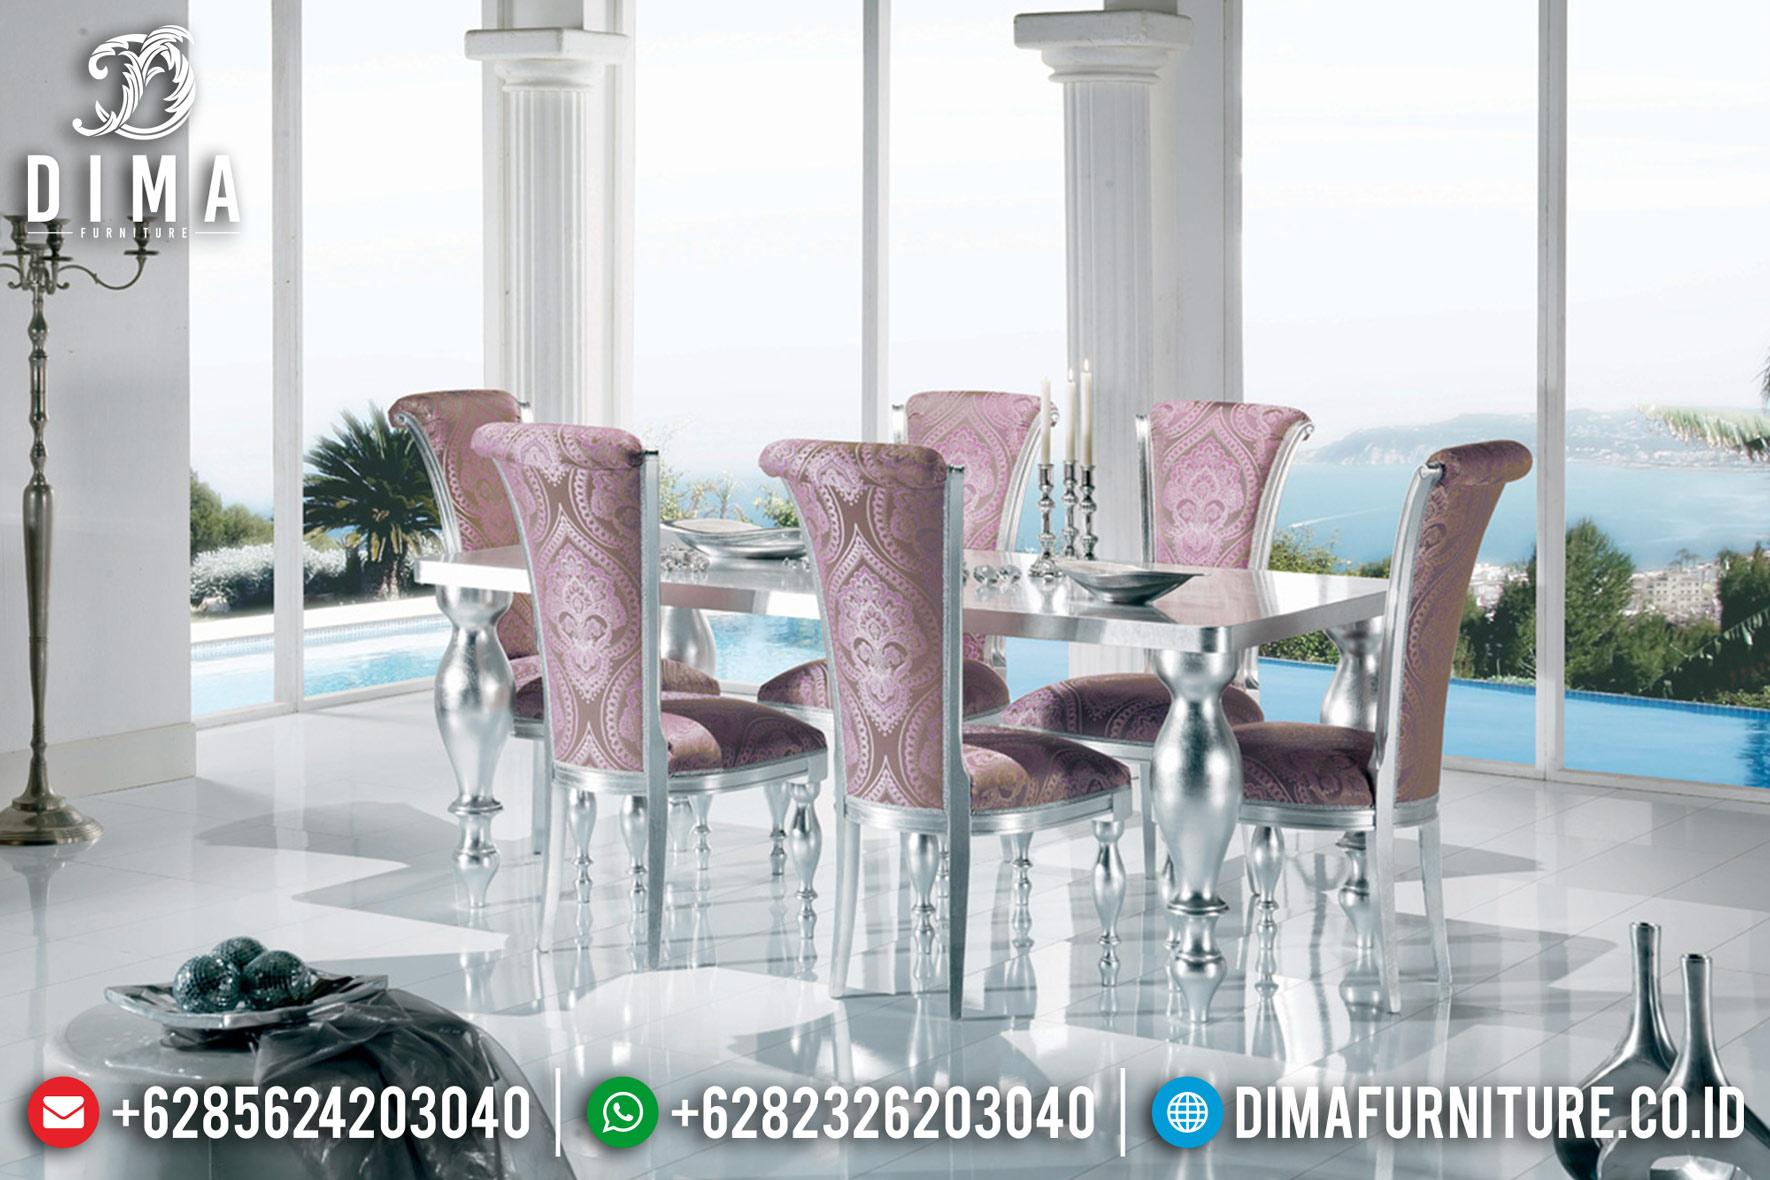 Meja Makan Minimalis Modern, Meja Makan Mewah Jepara, Kursi Makan Duco MM-0395